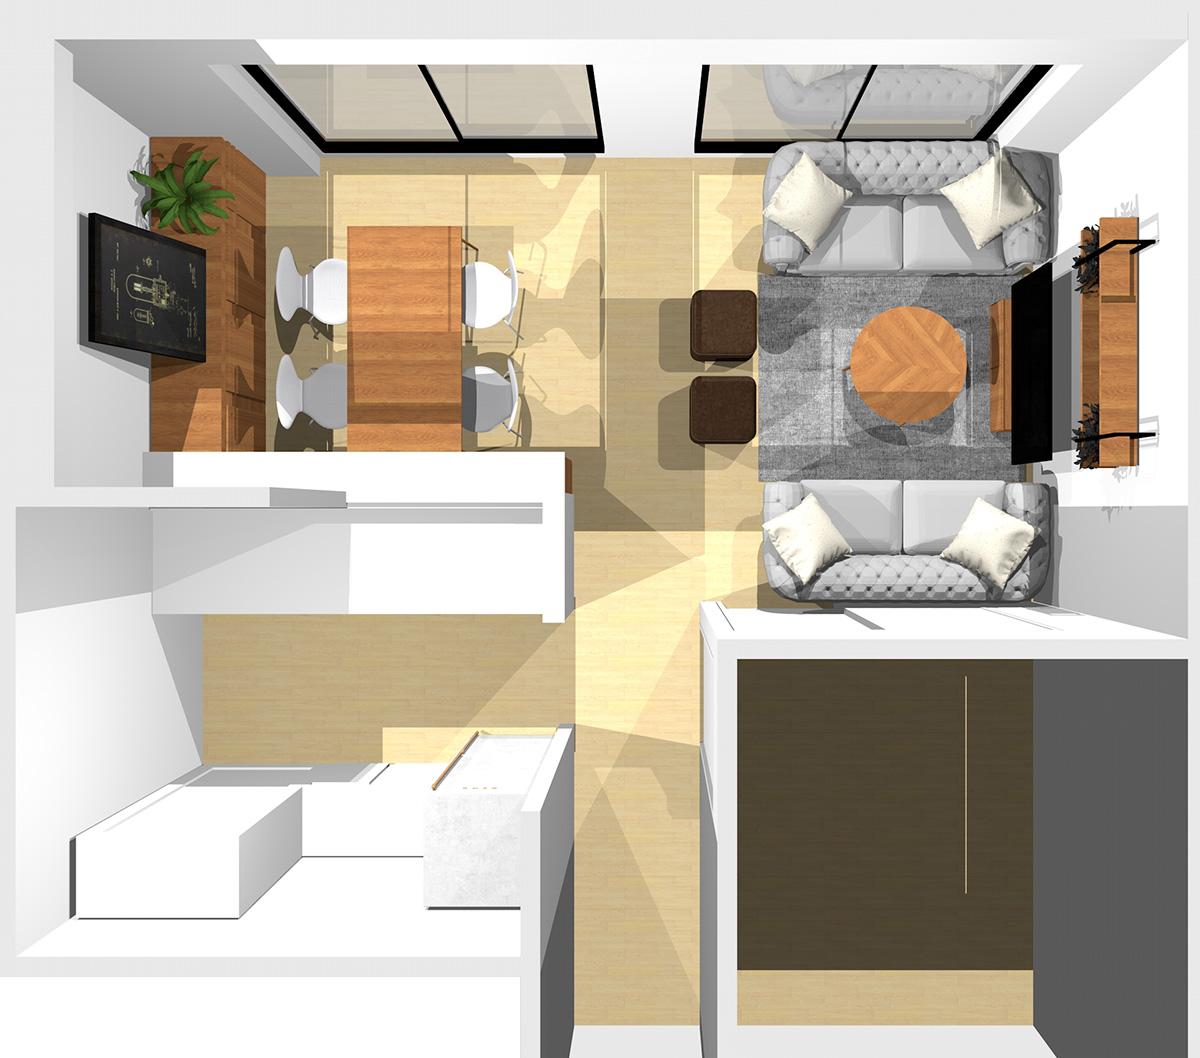 窓と和室との入口を背にソファを1台ずつ置いた応接スタイルの横長リビング